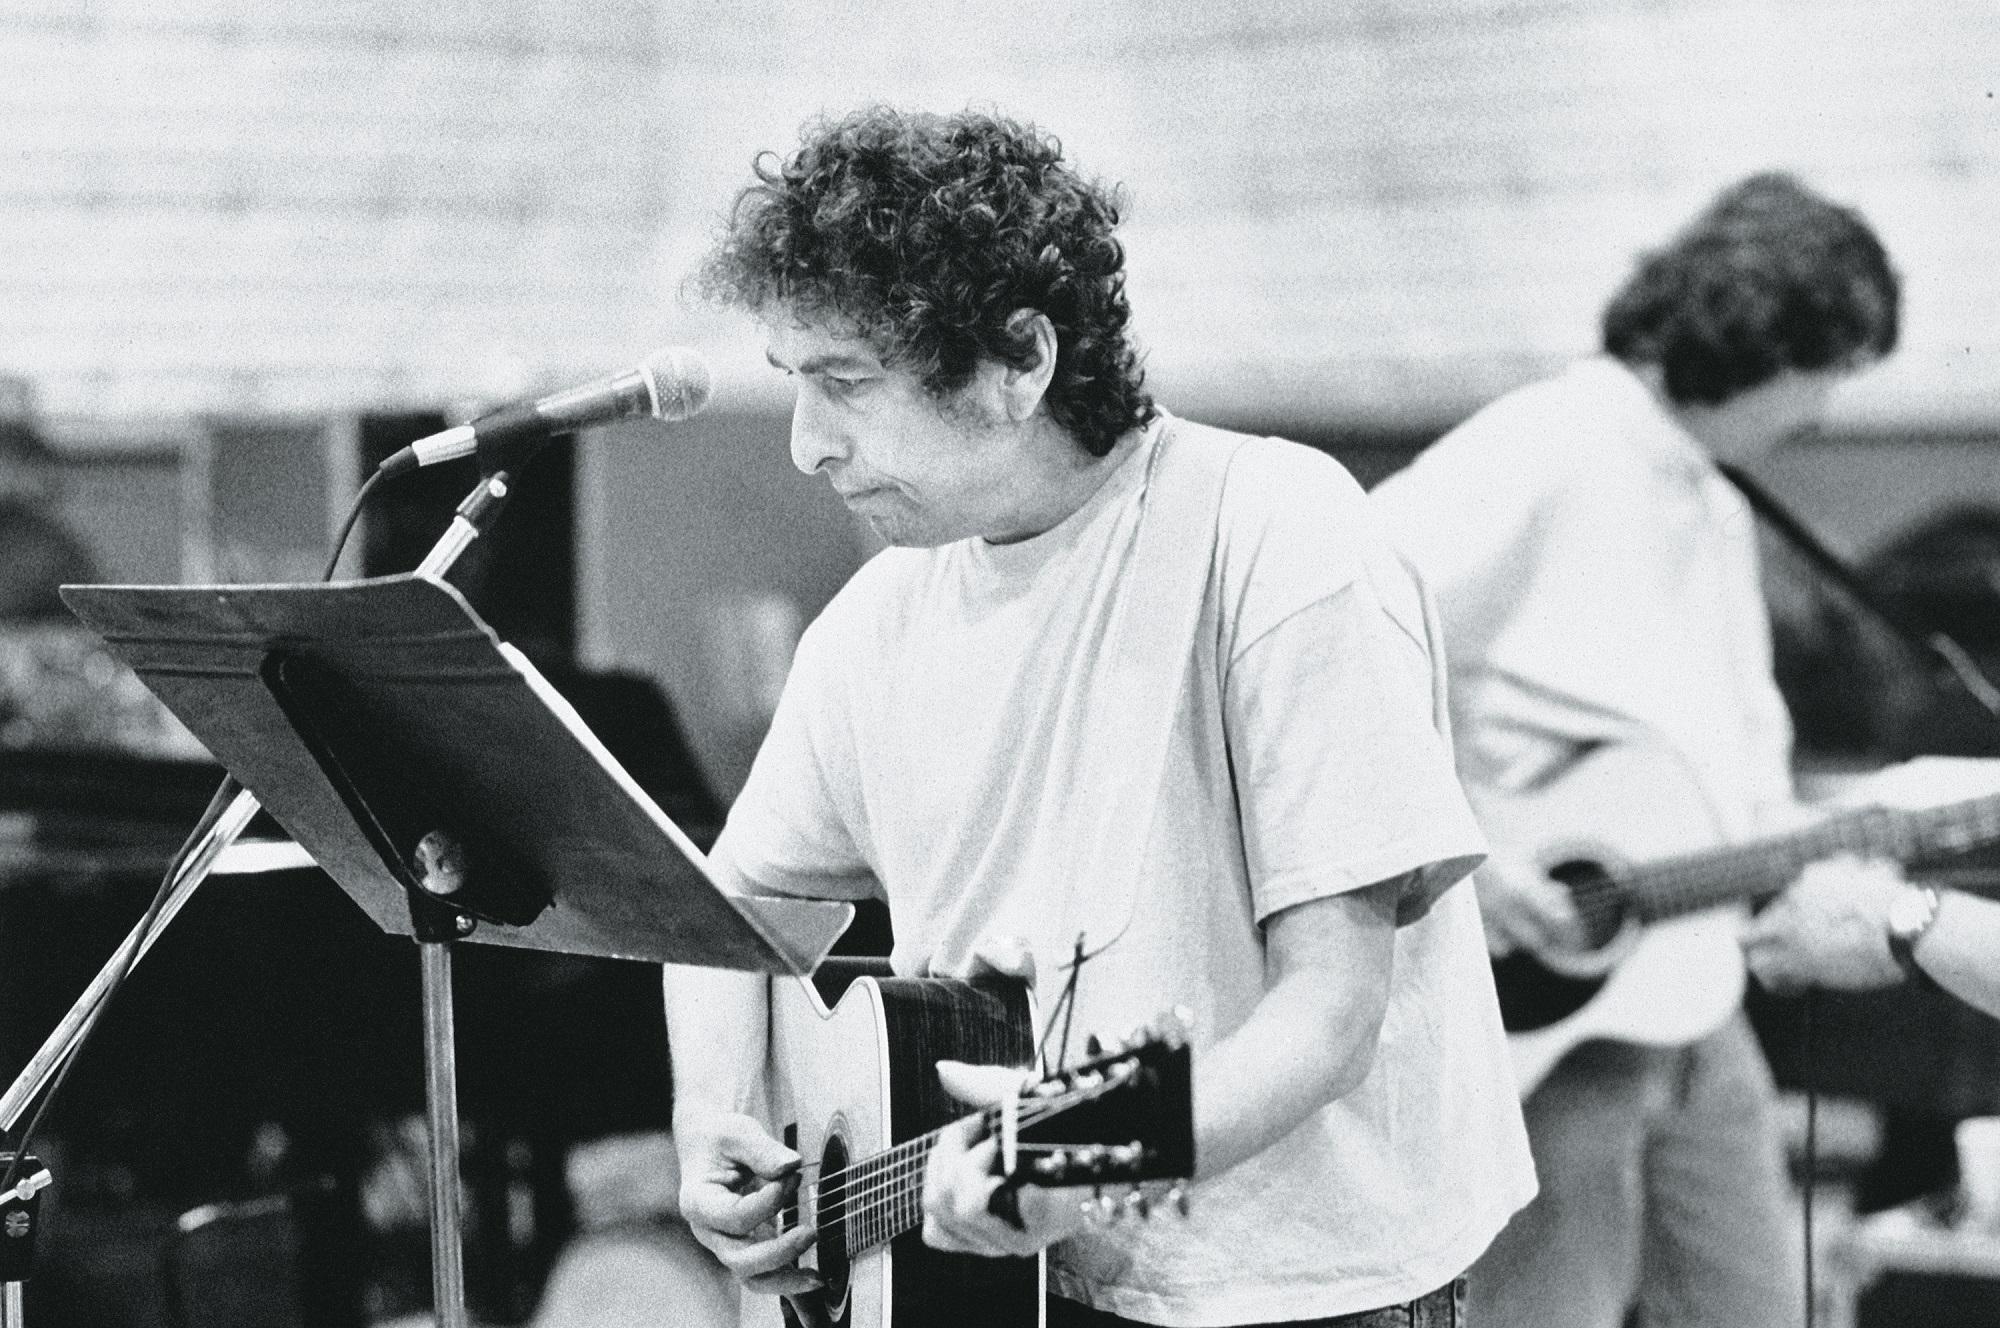 Боб Дилан рассказал о своих корнях и том, что сформировало его как художника в своей нобелевской лекции